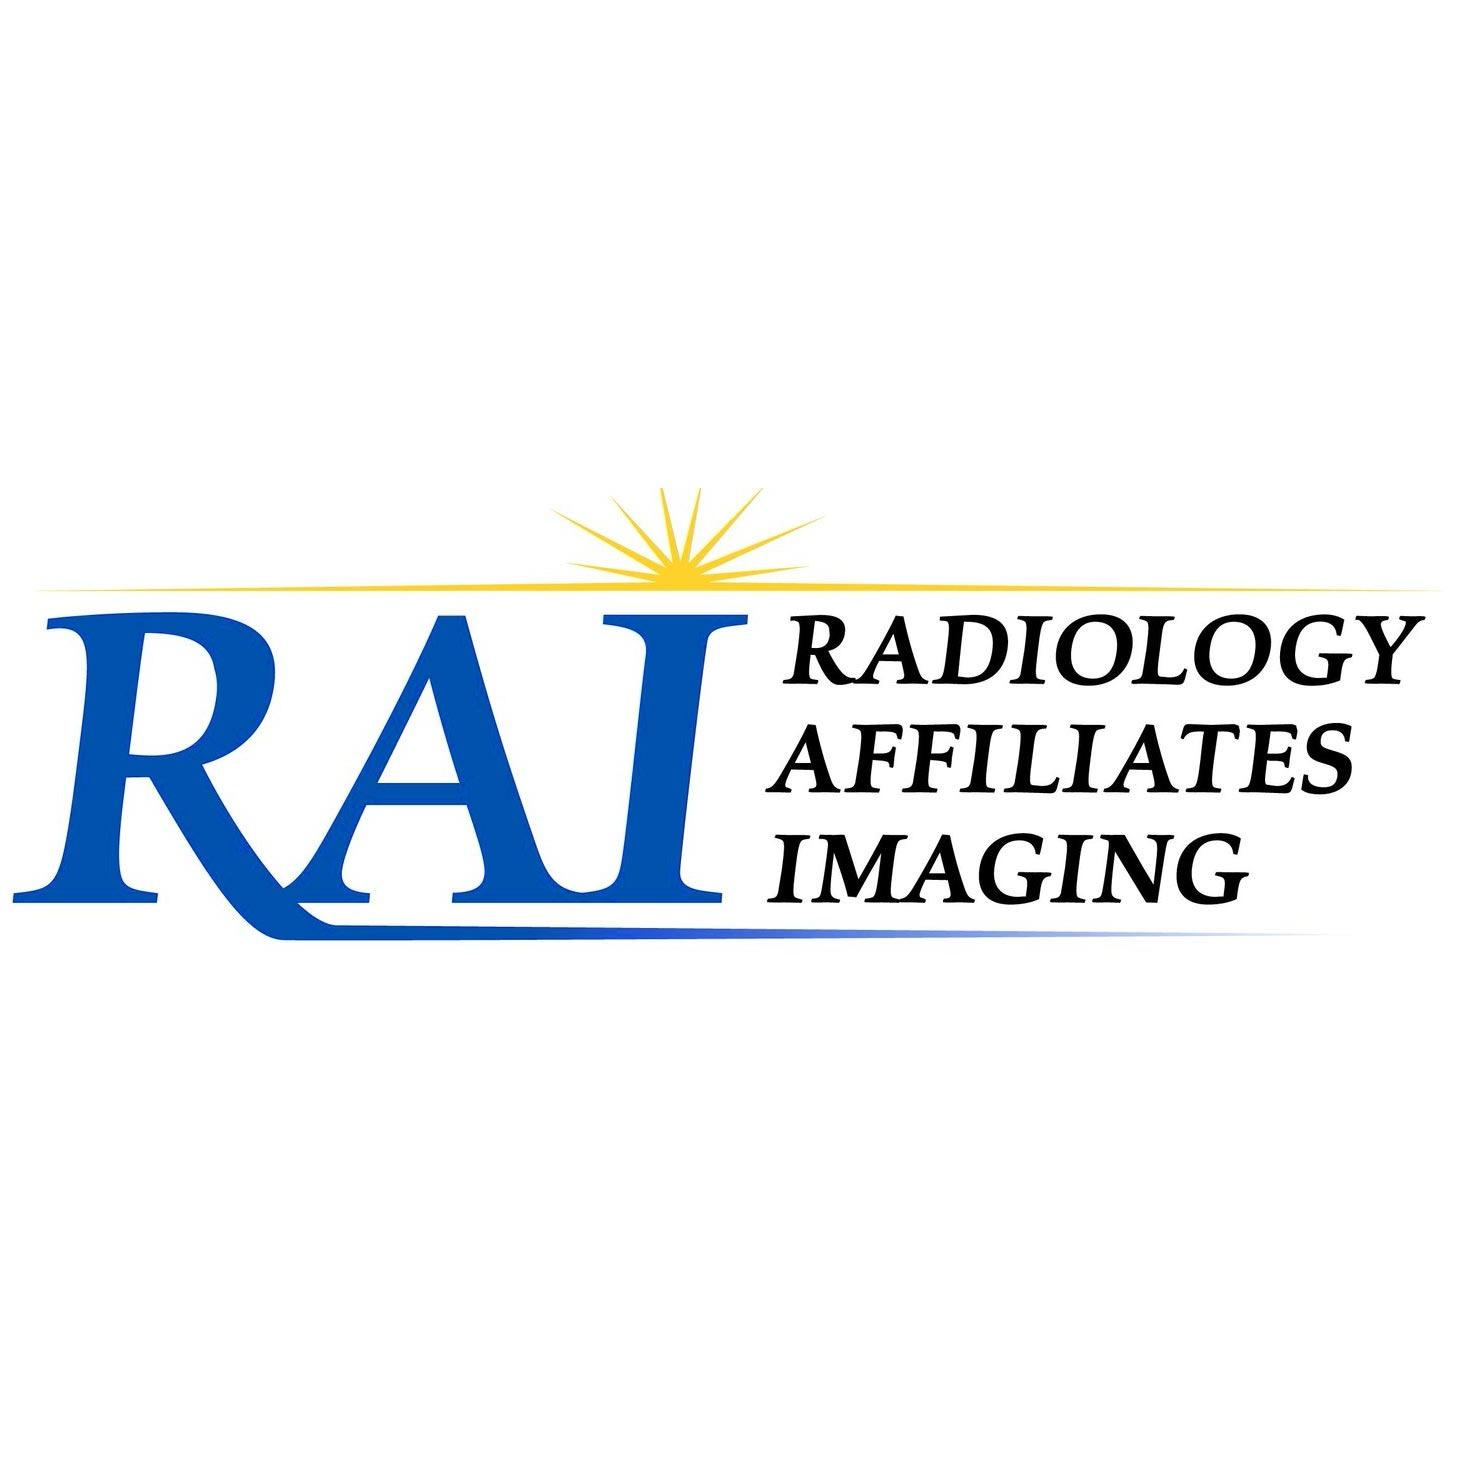 Radiology Affiliates Imaging - Hamilton Township, NJ - Radiology